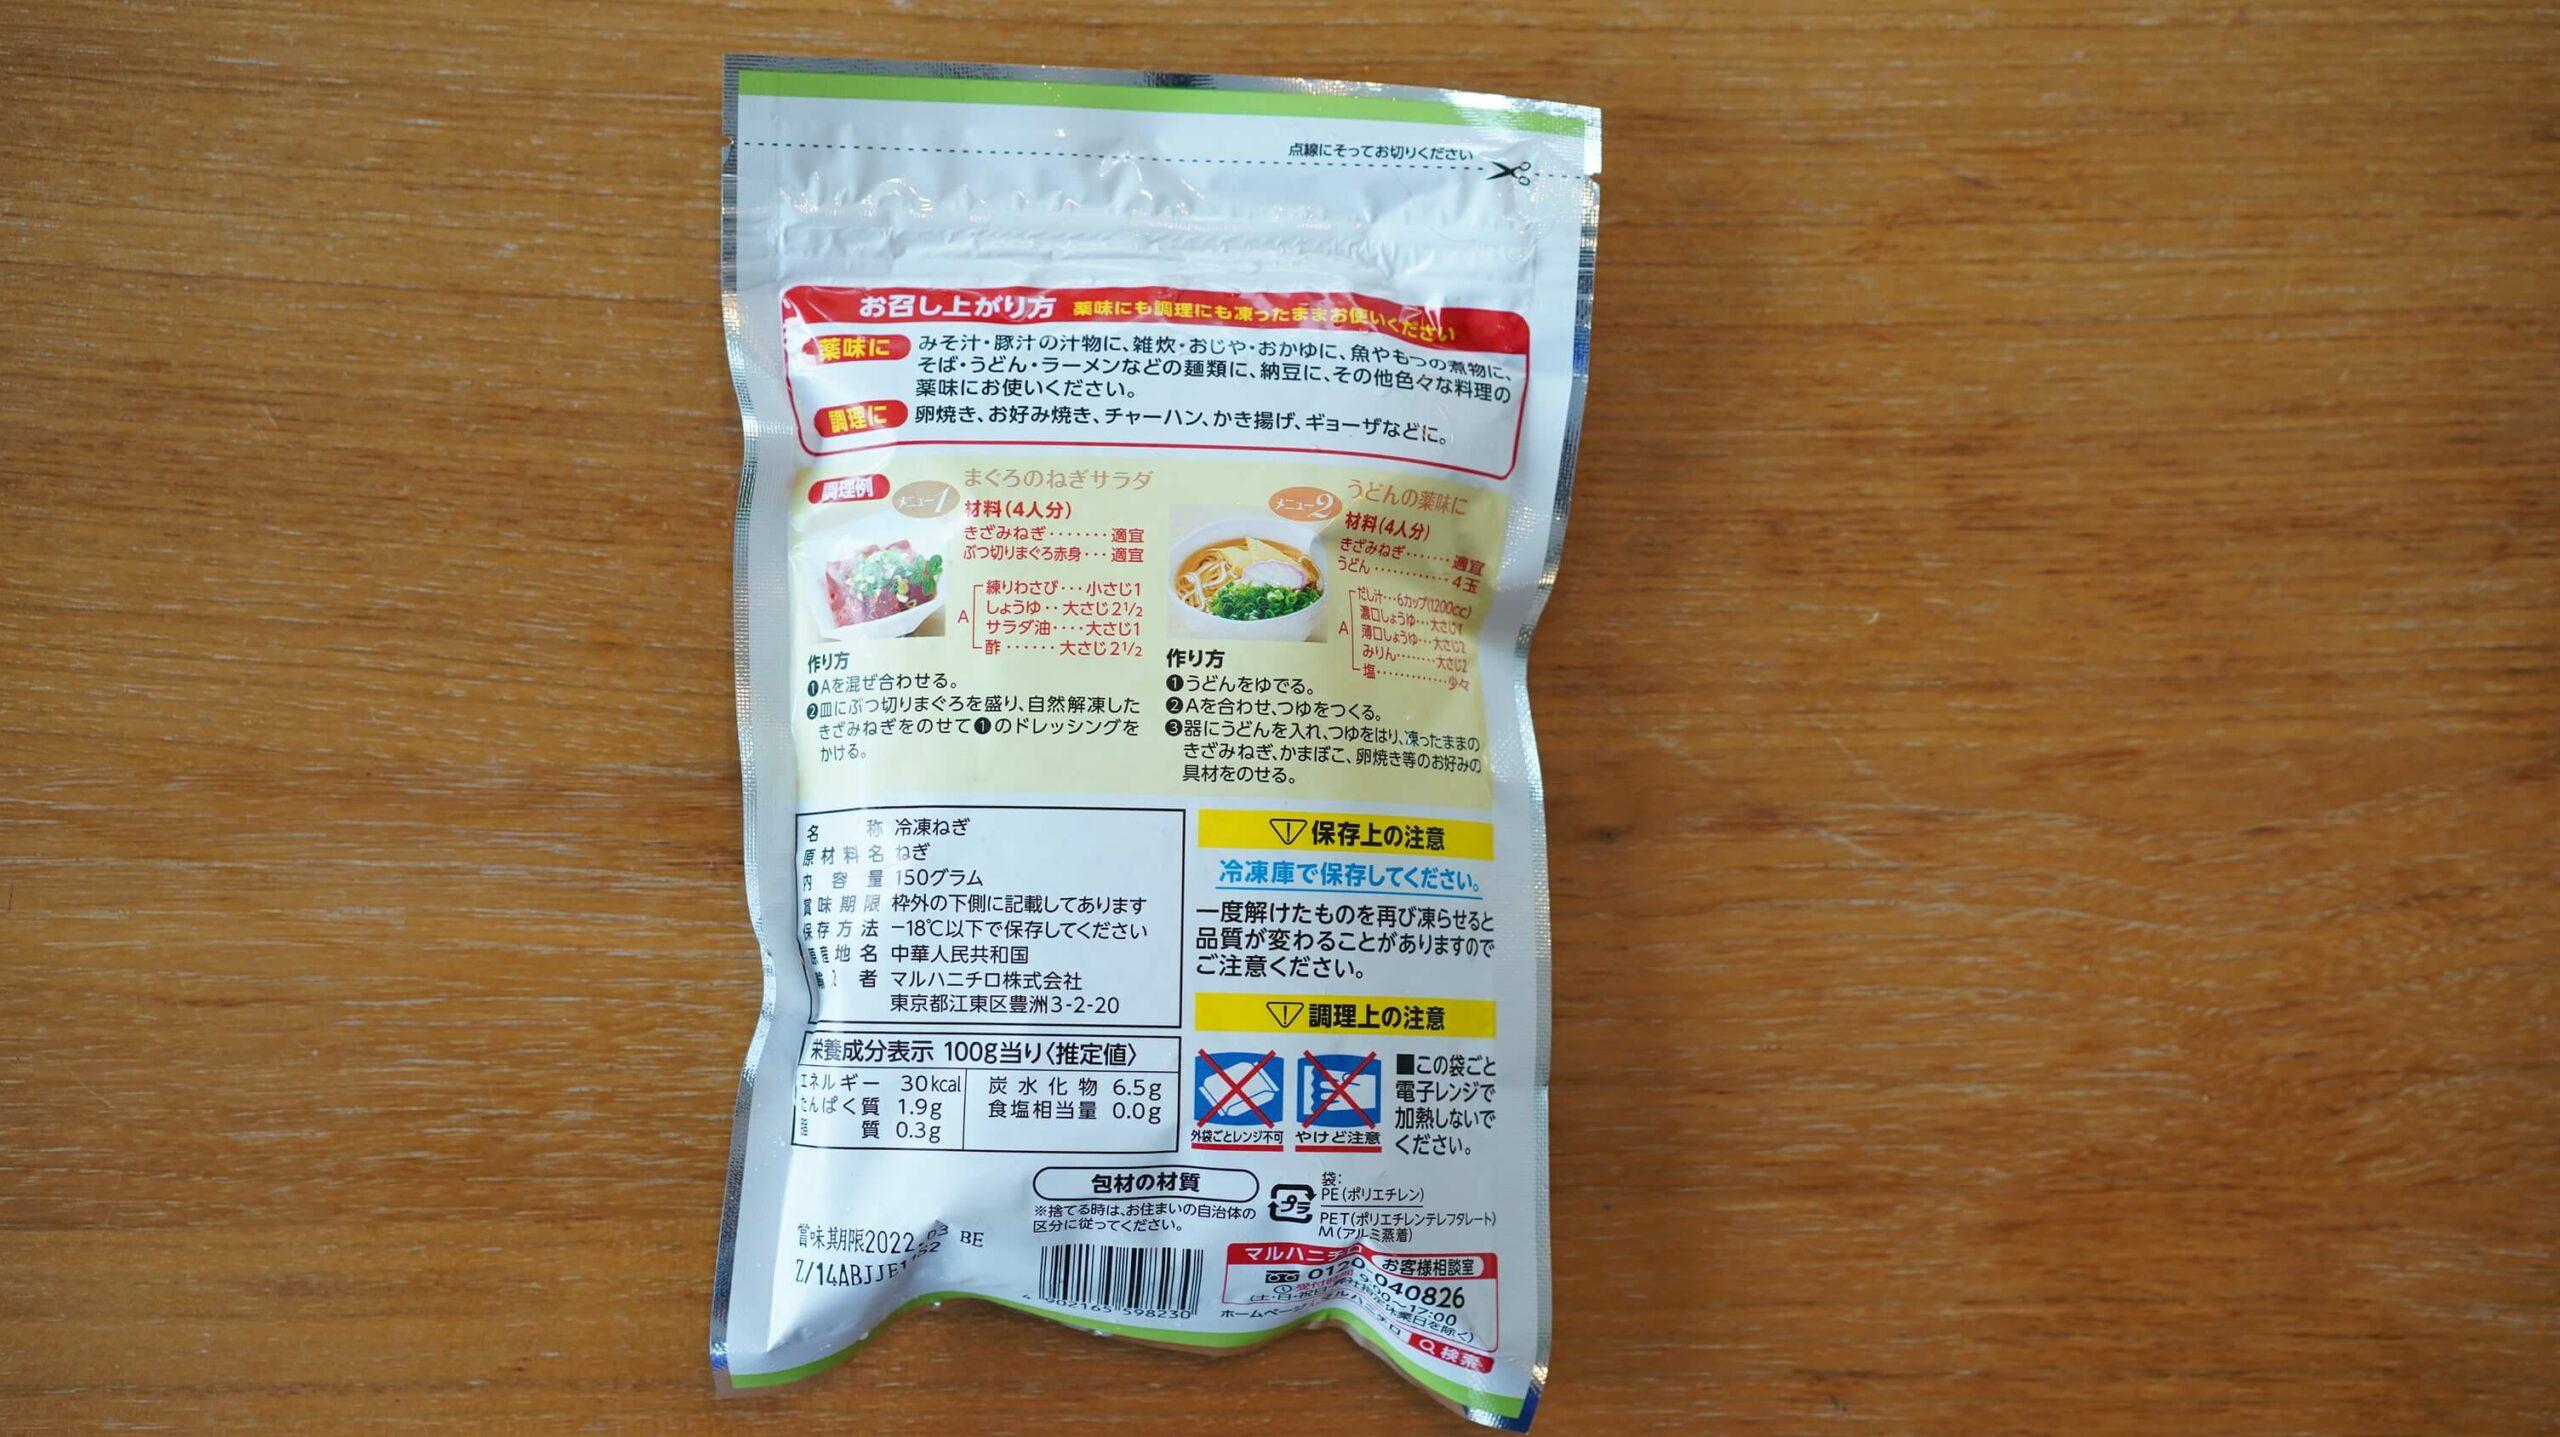 マルハニチロの冷凍食品「すぐに使える・きざみねぎ」のパッケージ裏面の写真